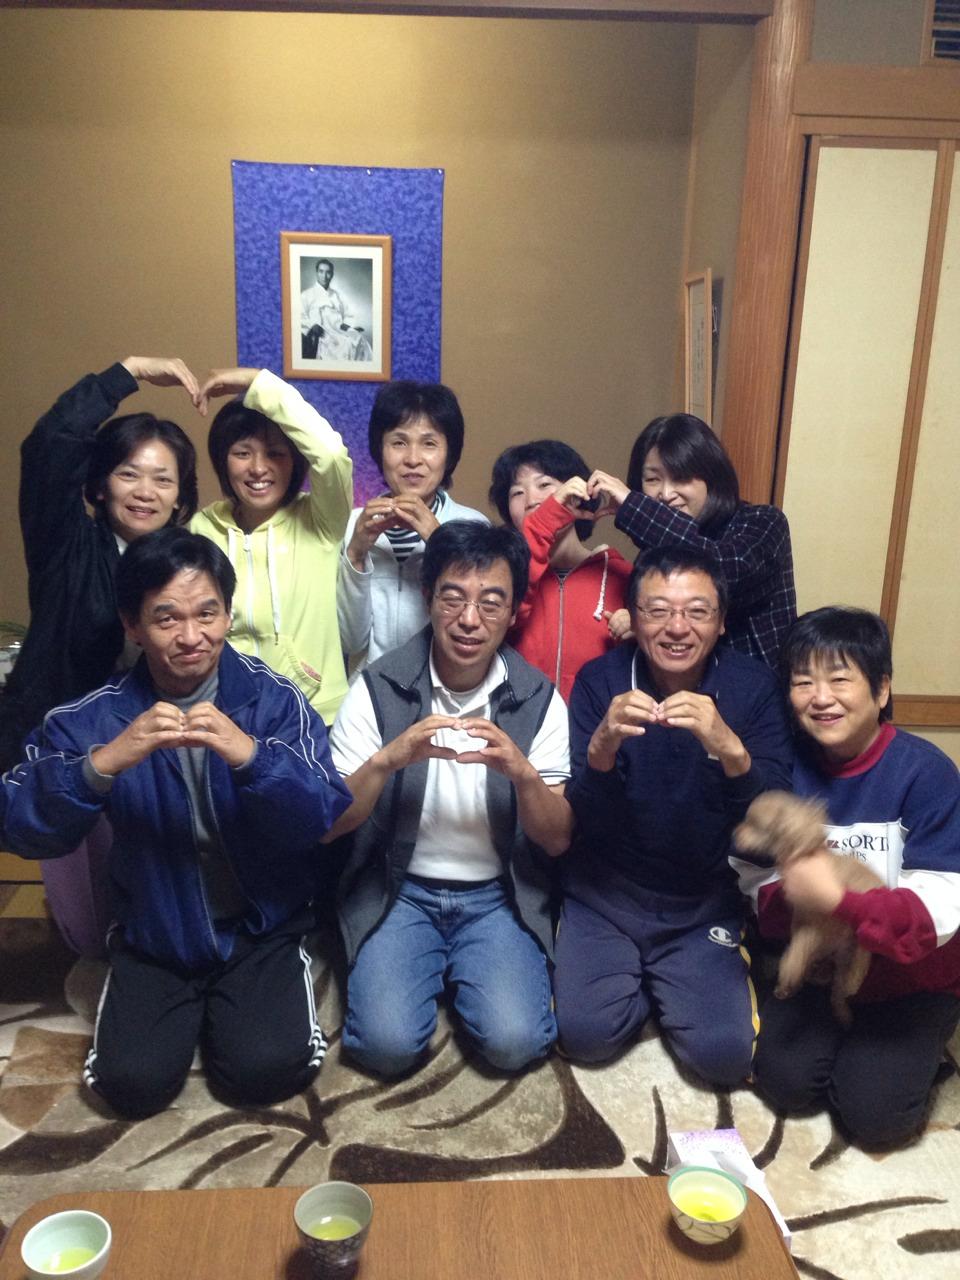 道津さん(KEN) ようこそ,安永教會へ!! - サンクチュアリ教會 熊本・安永家庭教會